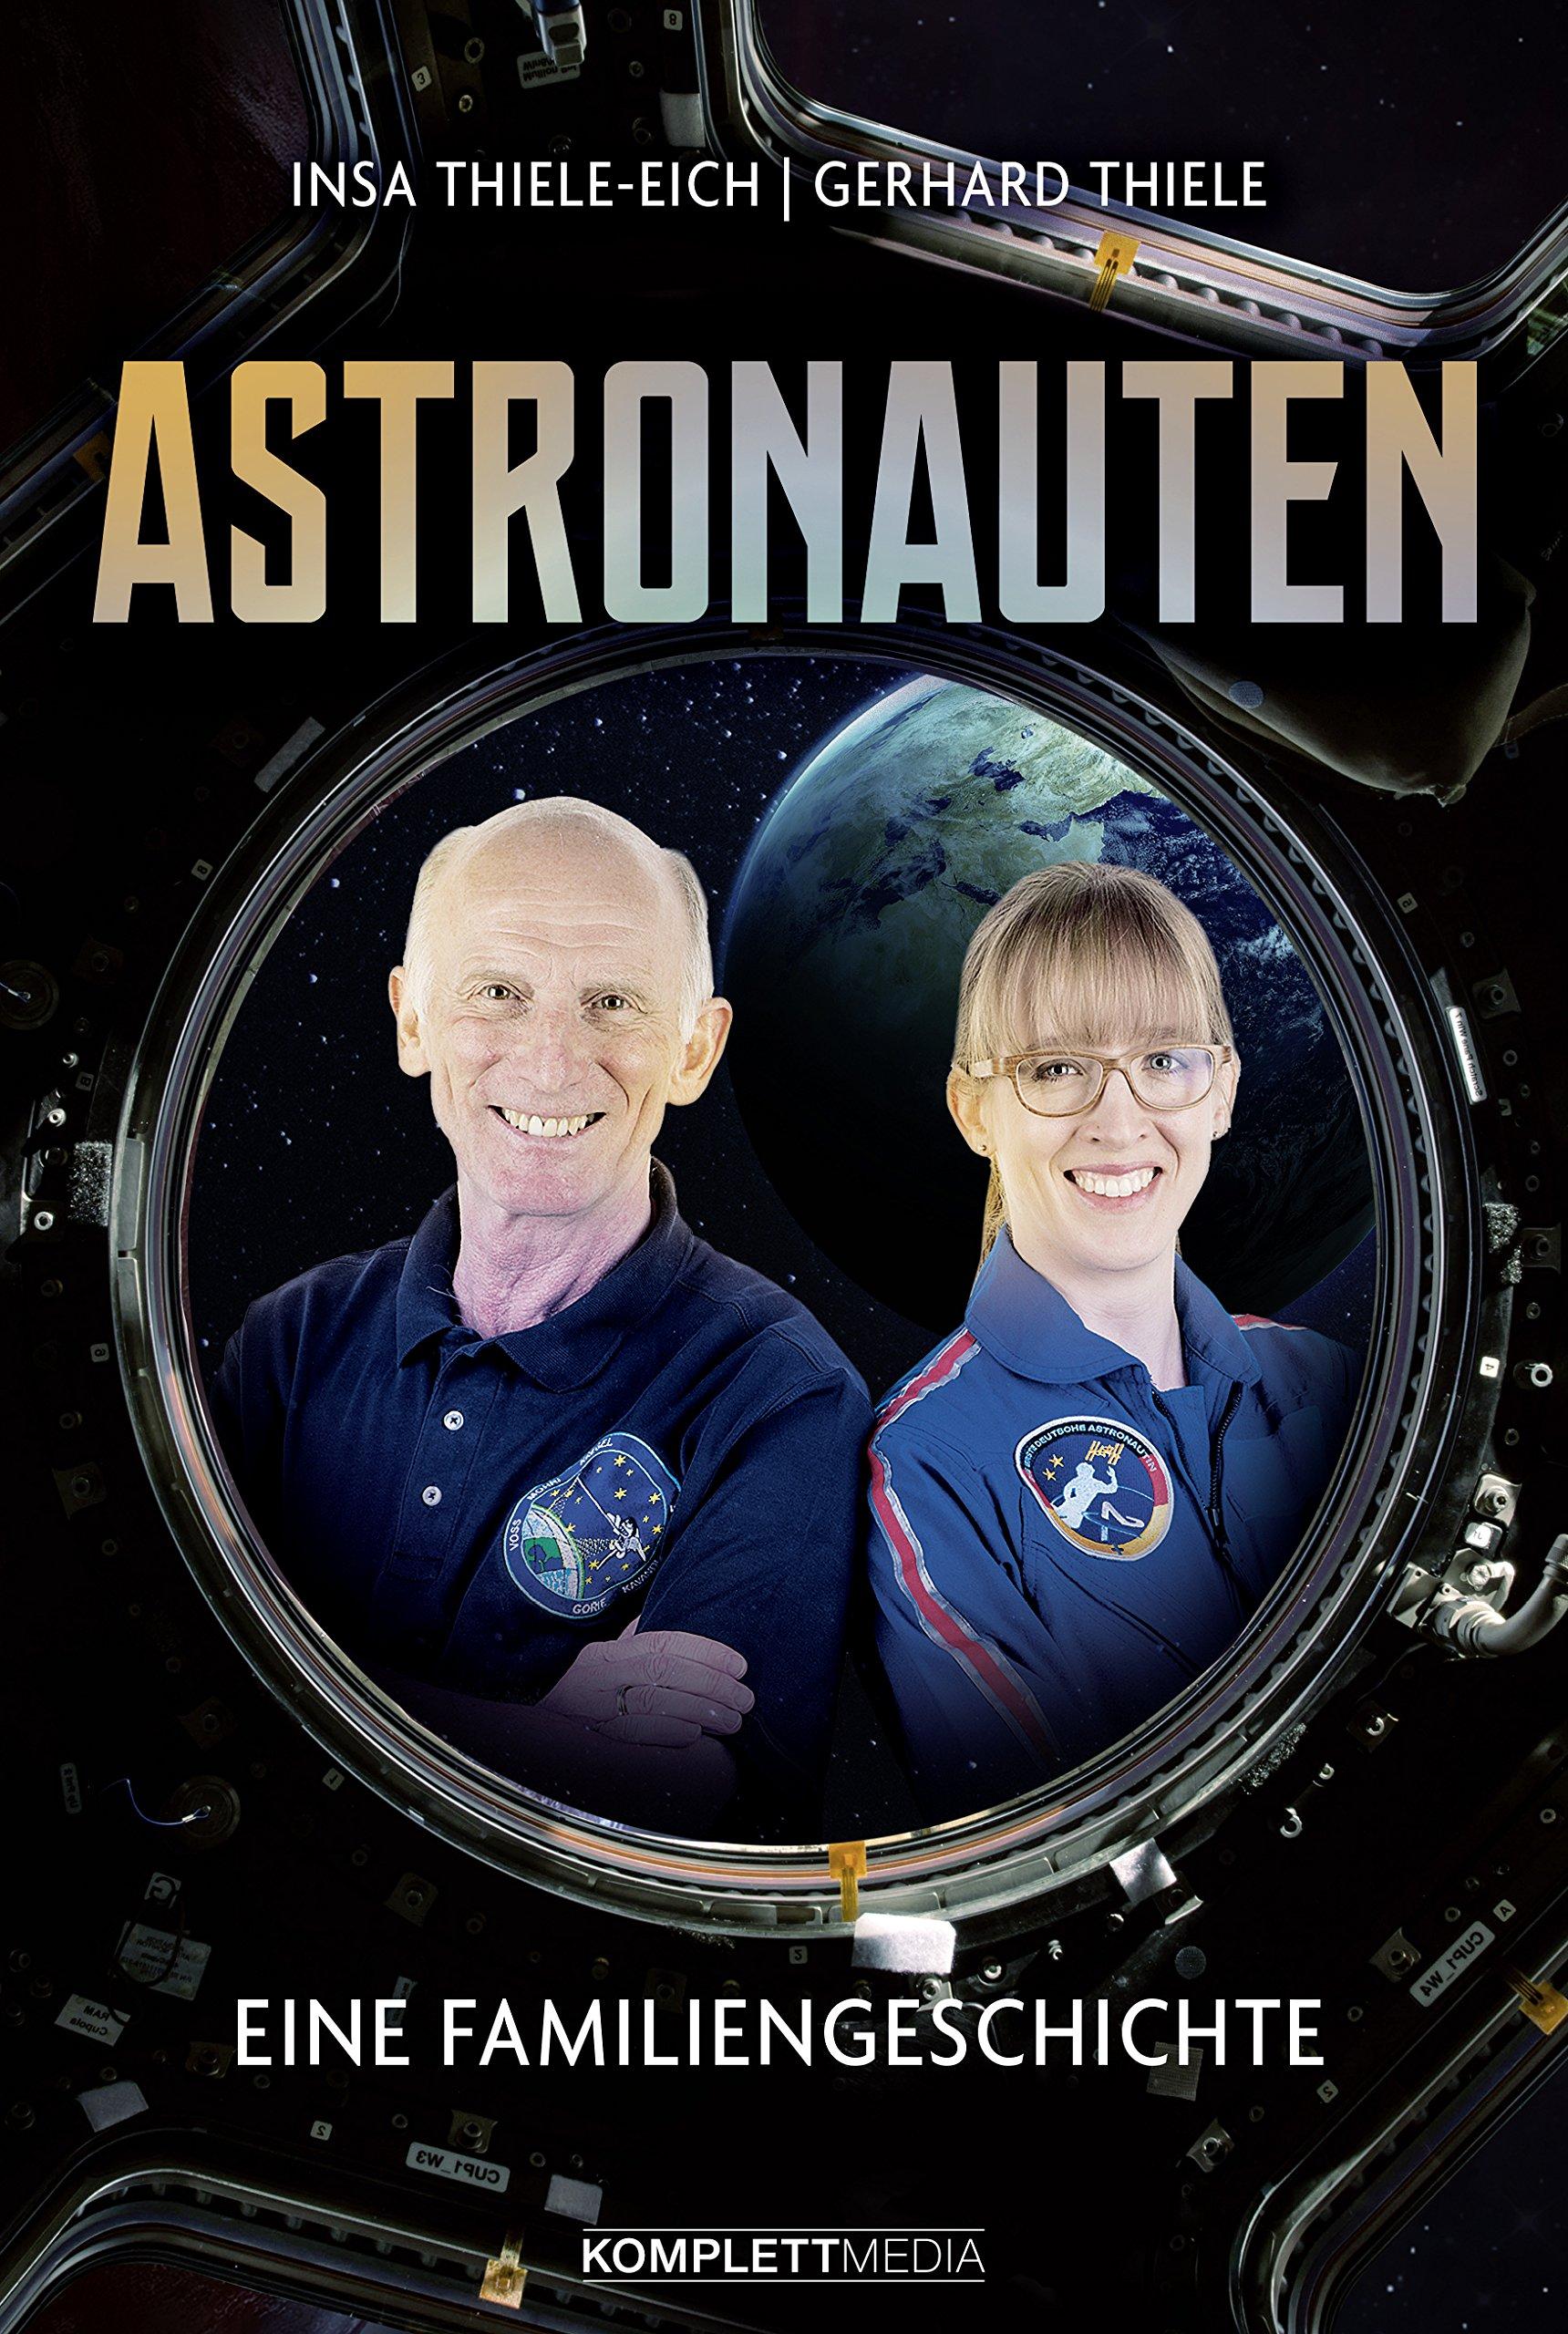 astronauten-eine-familiengeschichte